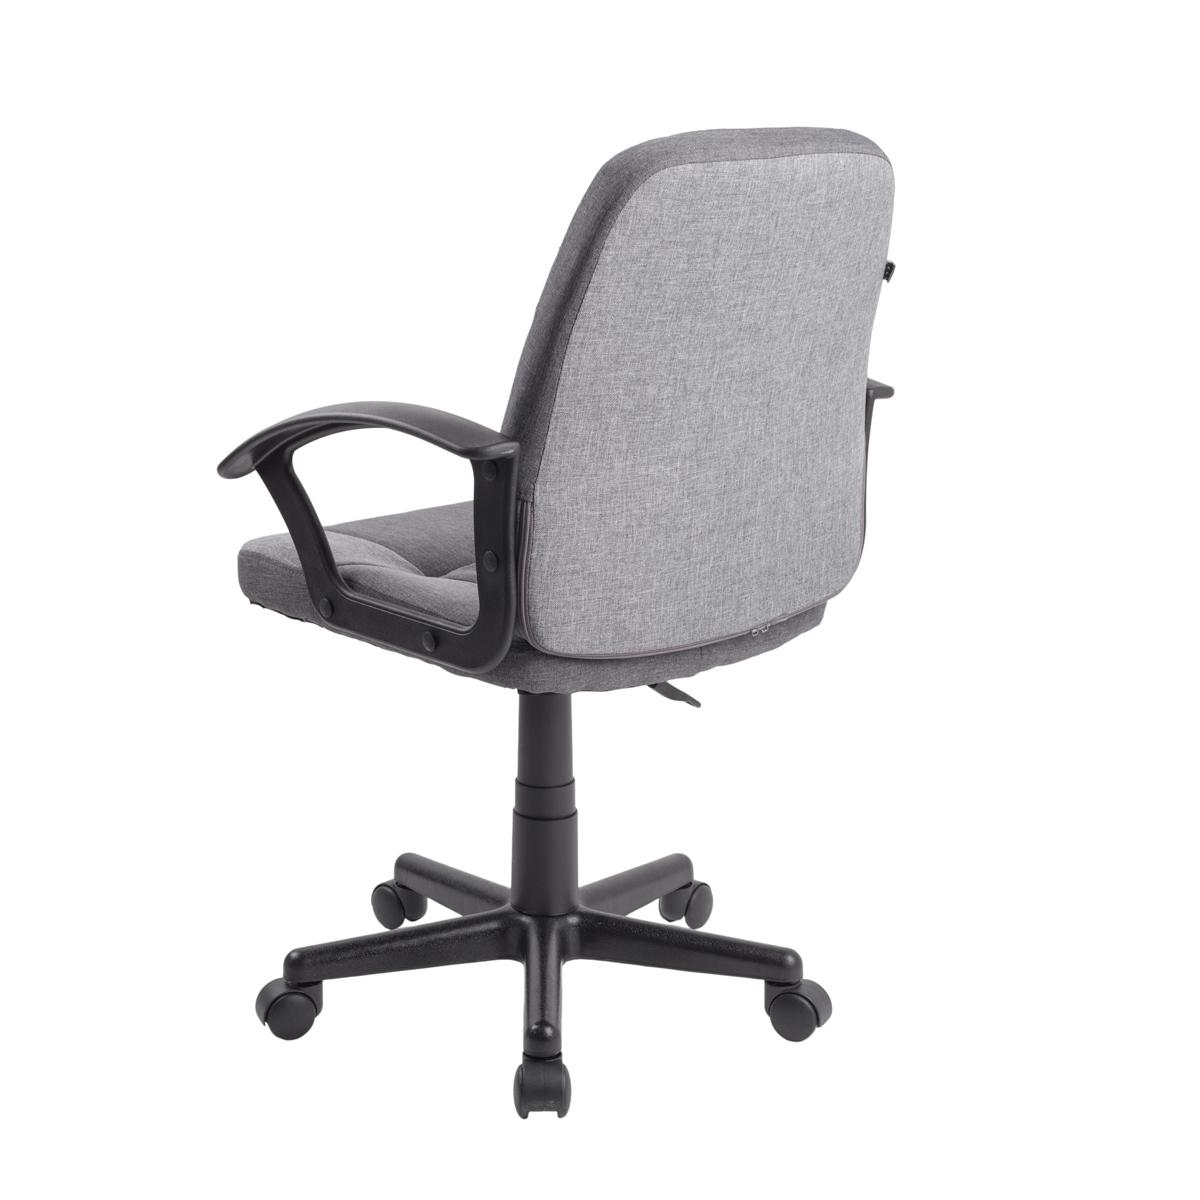 sedie ufficio ebay - 28 images - sedia da ufficio sedia girevole ...